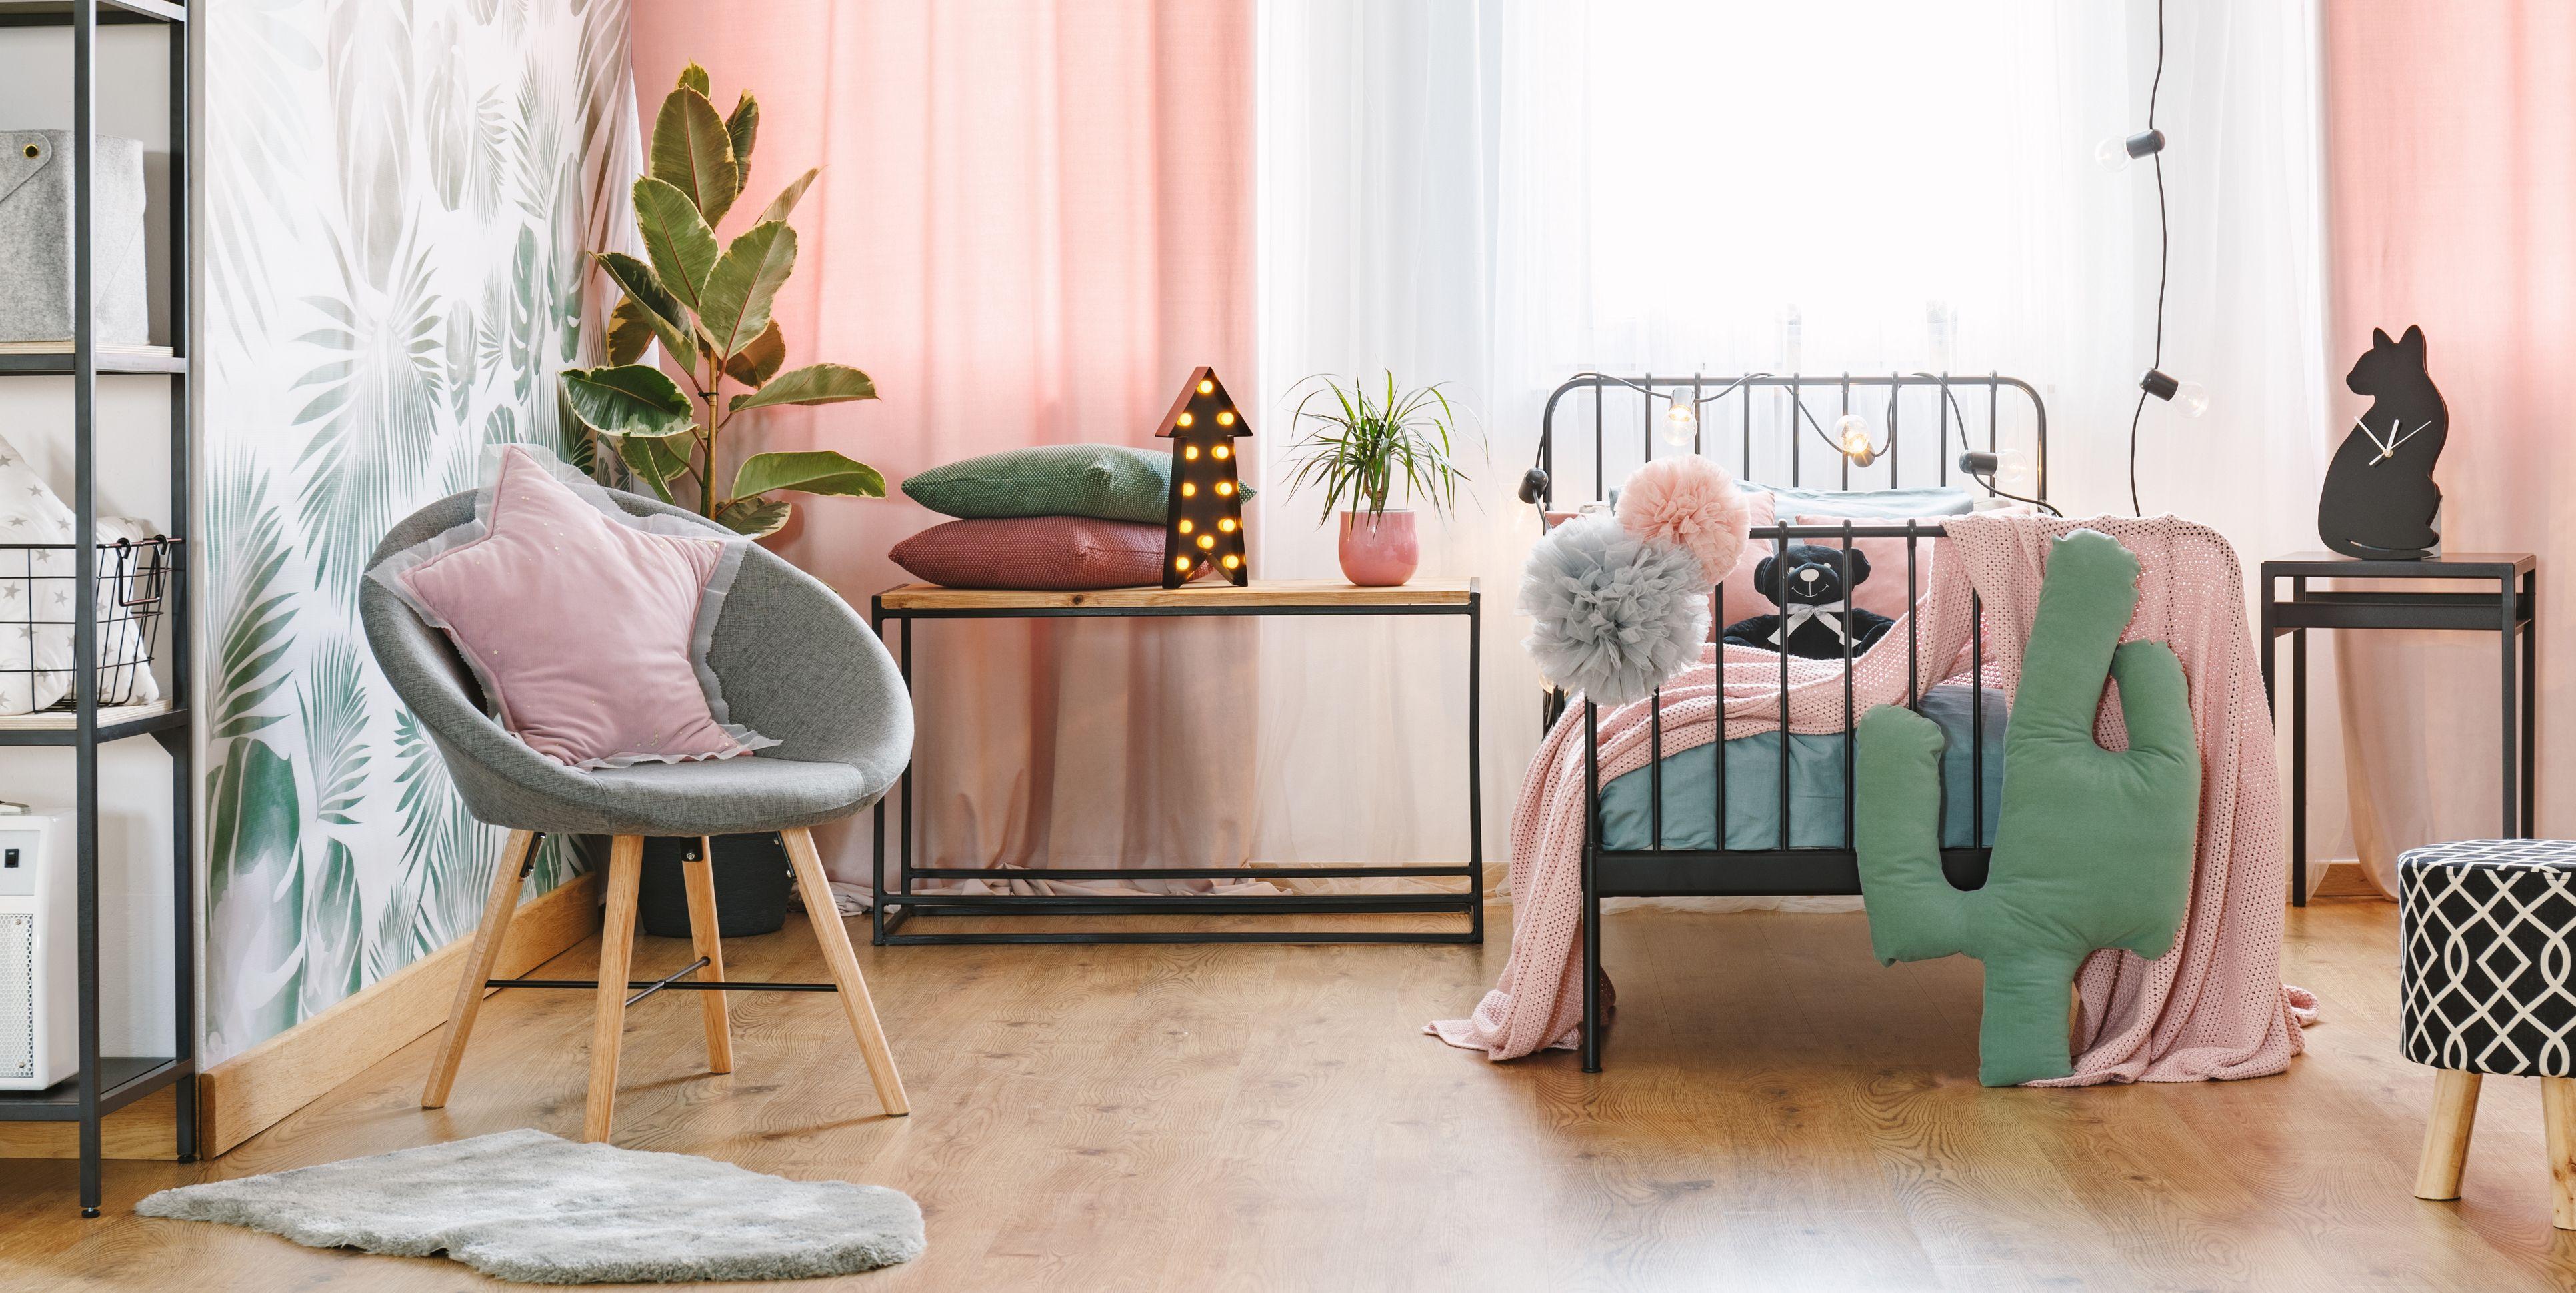 15 Girls Room Ideas Baby Toddler Tween Girl Bedroom Decorating